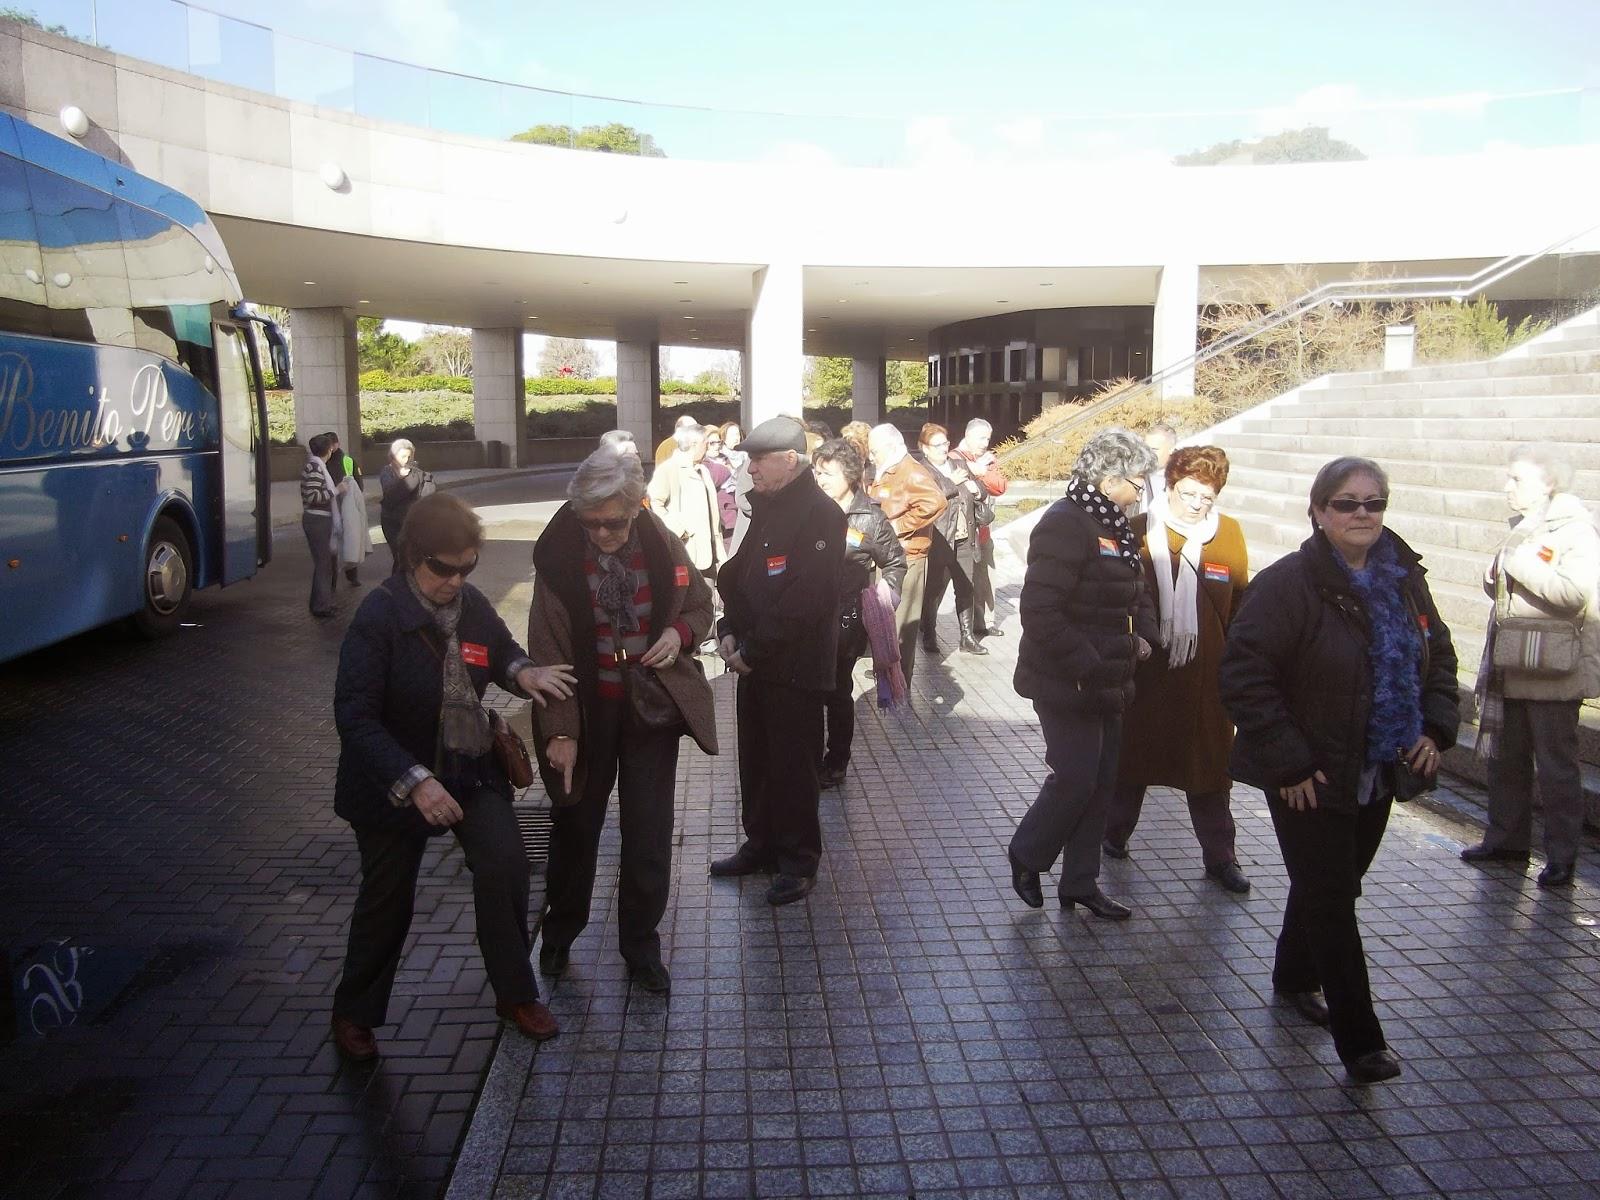 Casa de salamanca en madrid 26 de febrero del 2014 visita a la ciudad financiera del banco de - Casas de banco santander ...